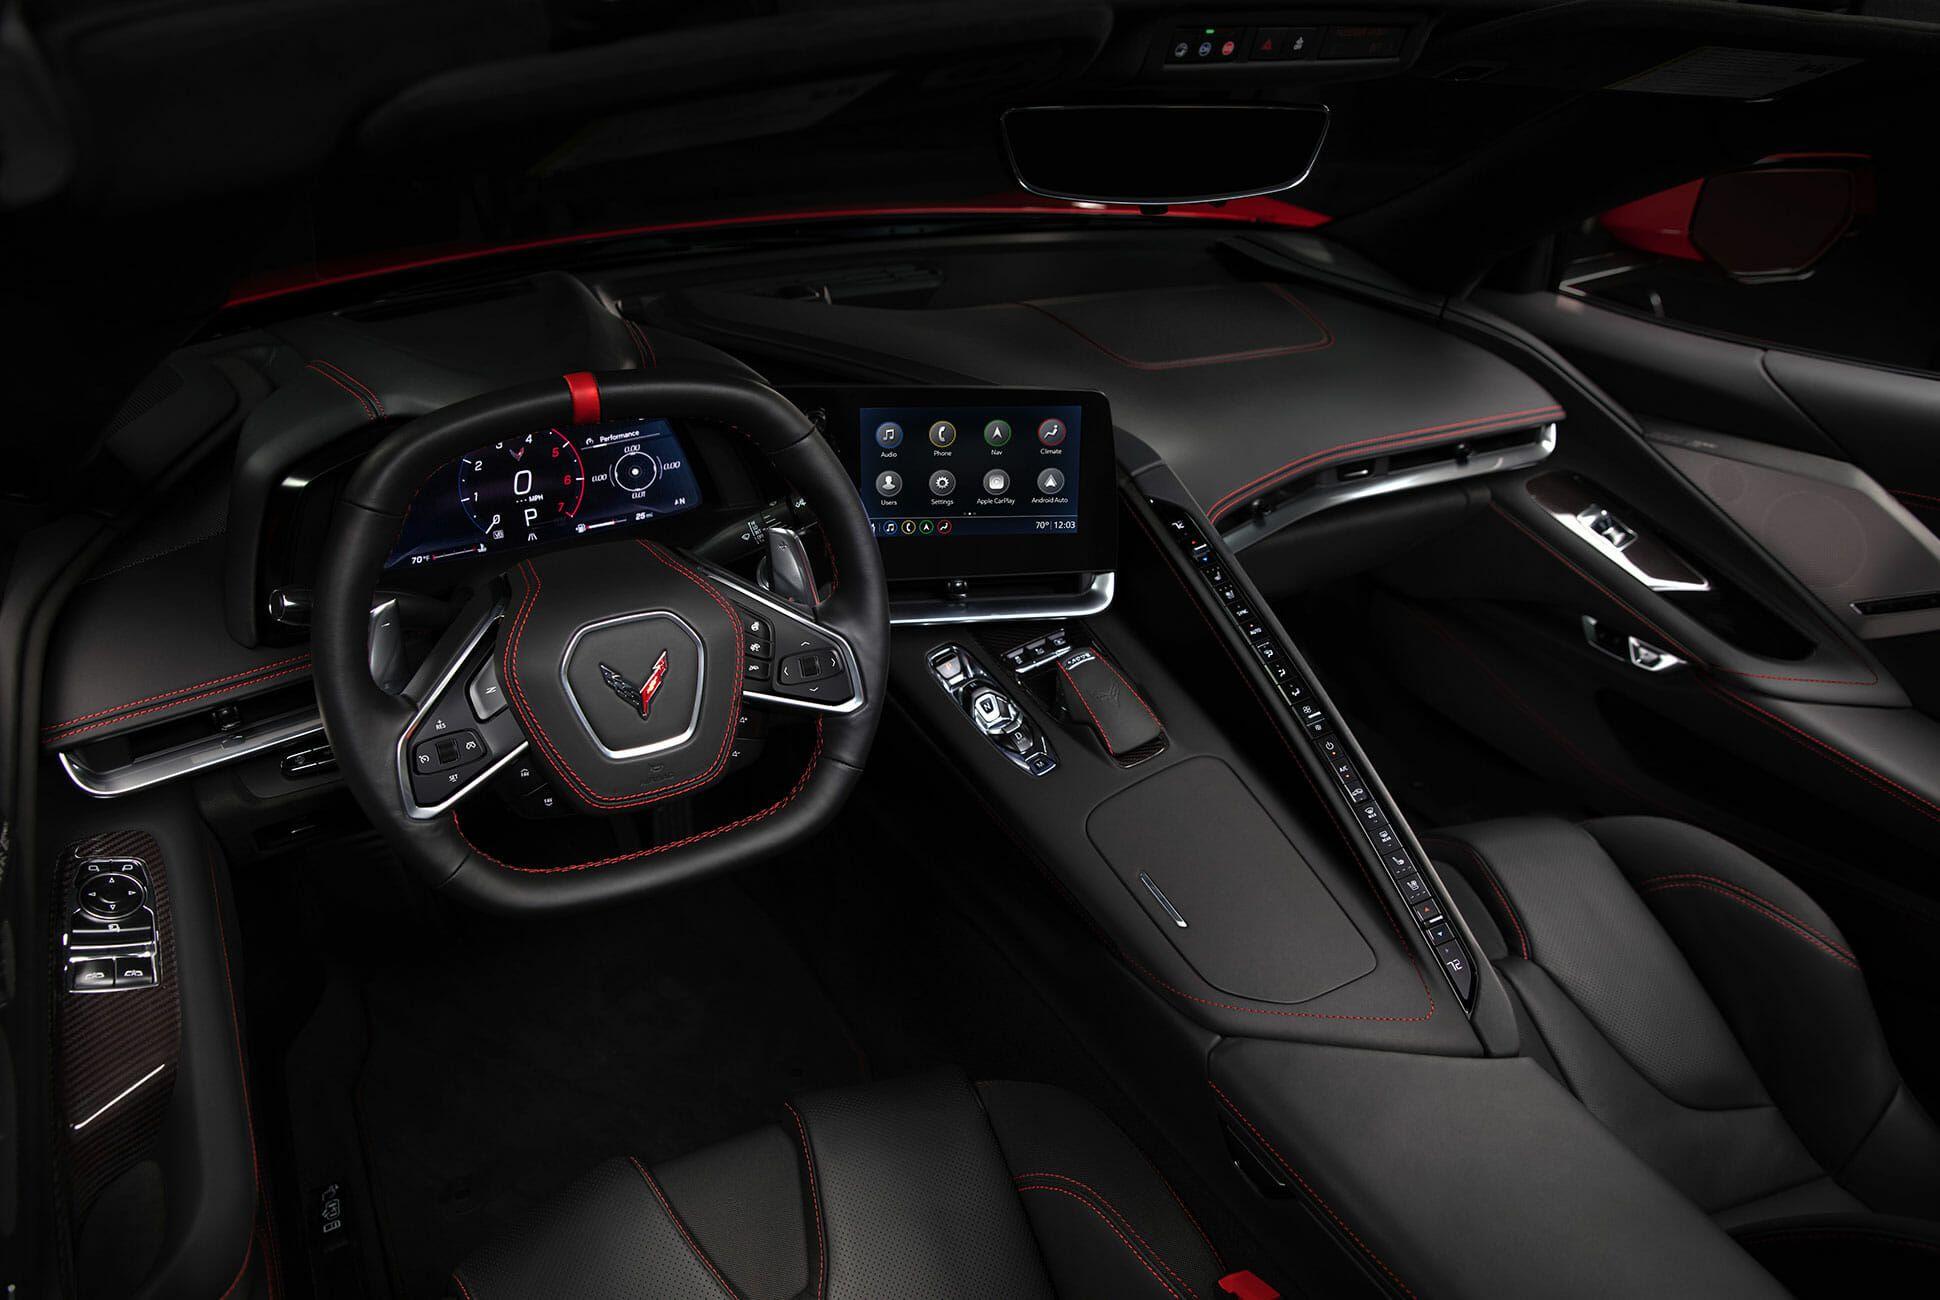 2020-Chevrolet-Corvette-Stingray-gear-patrol-slide-7